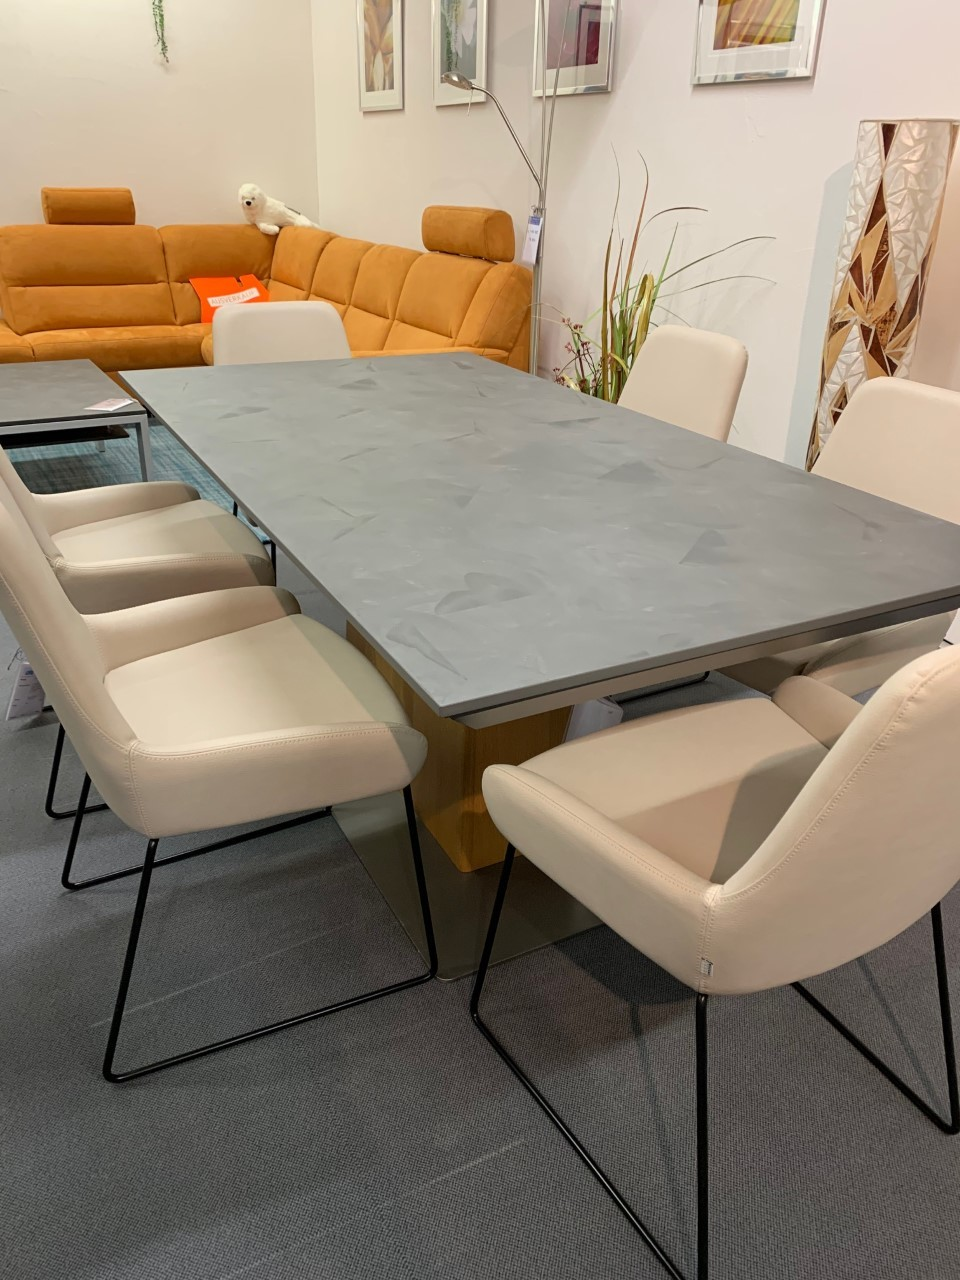 Tisch Modell Diegaro von Willisau 180 x 95 cm mit Verlängerung, Blatt in Stucco 01